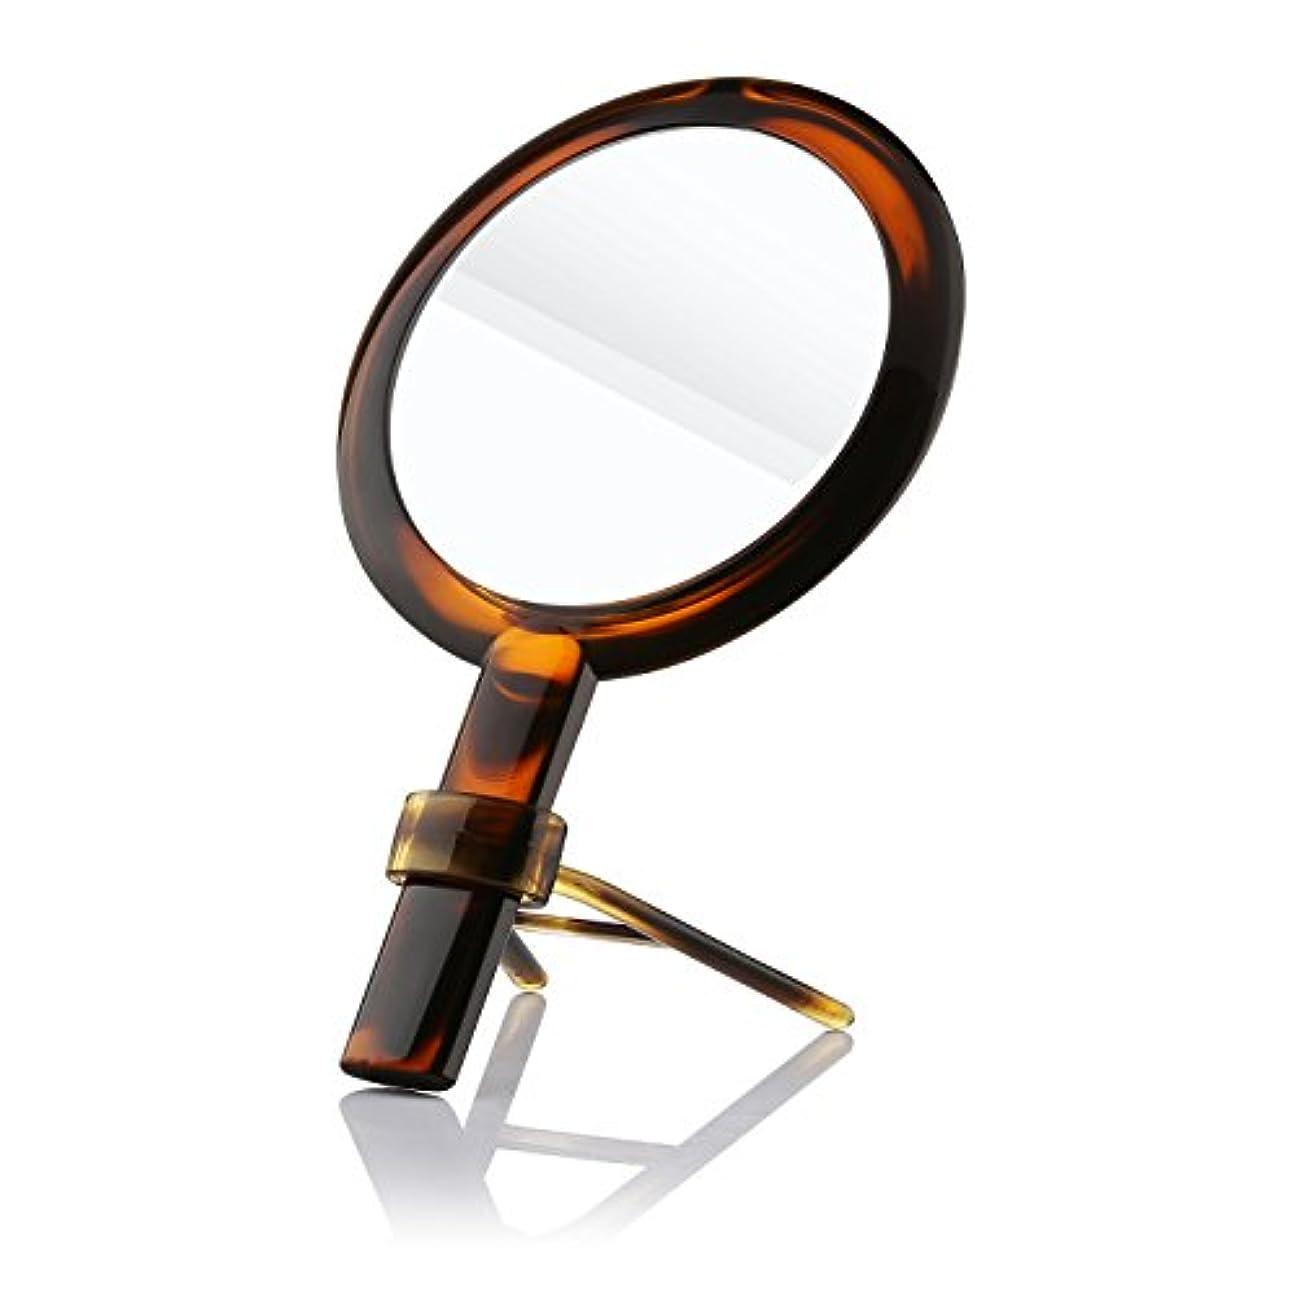 恨み上共和国化粧ミラー Beautifive 化粧鏡 メイクミラー 等倍卓上両面鏡 7倍拡大スタンドミラー 手鏡 光学レズン高解像度